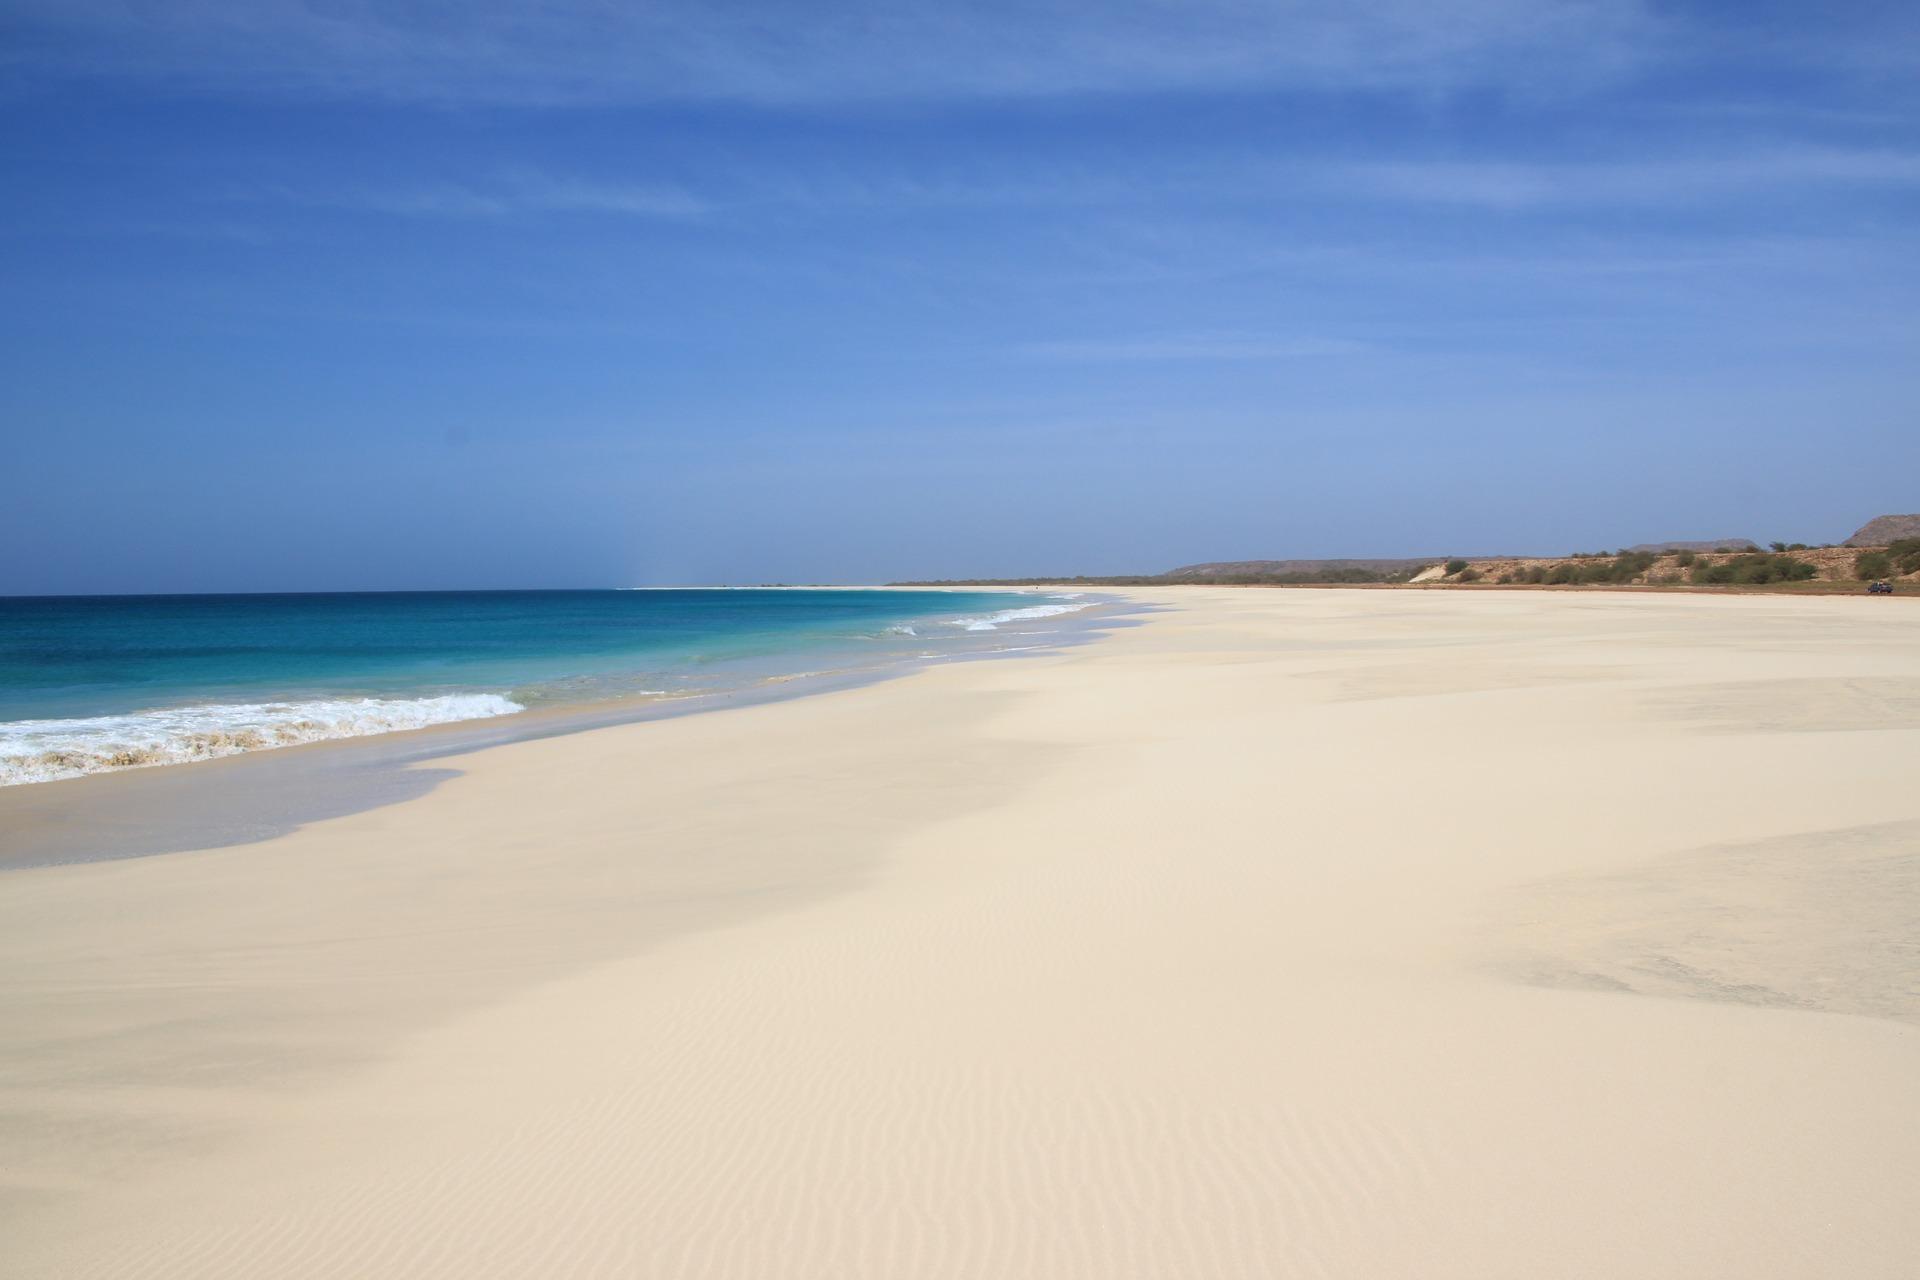 кабо верде боа віста пляж